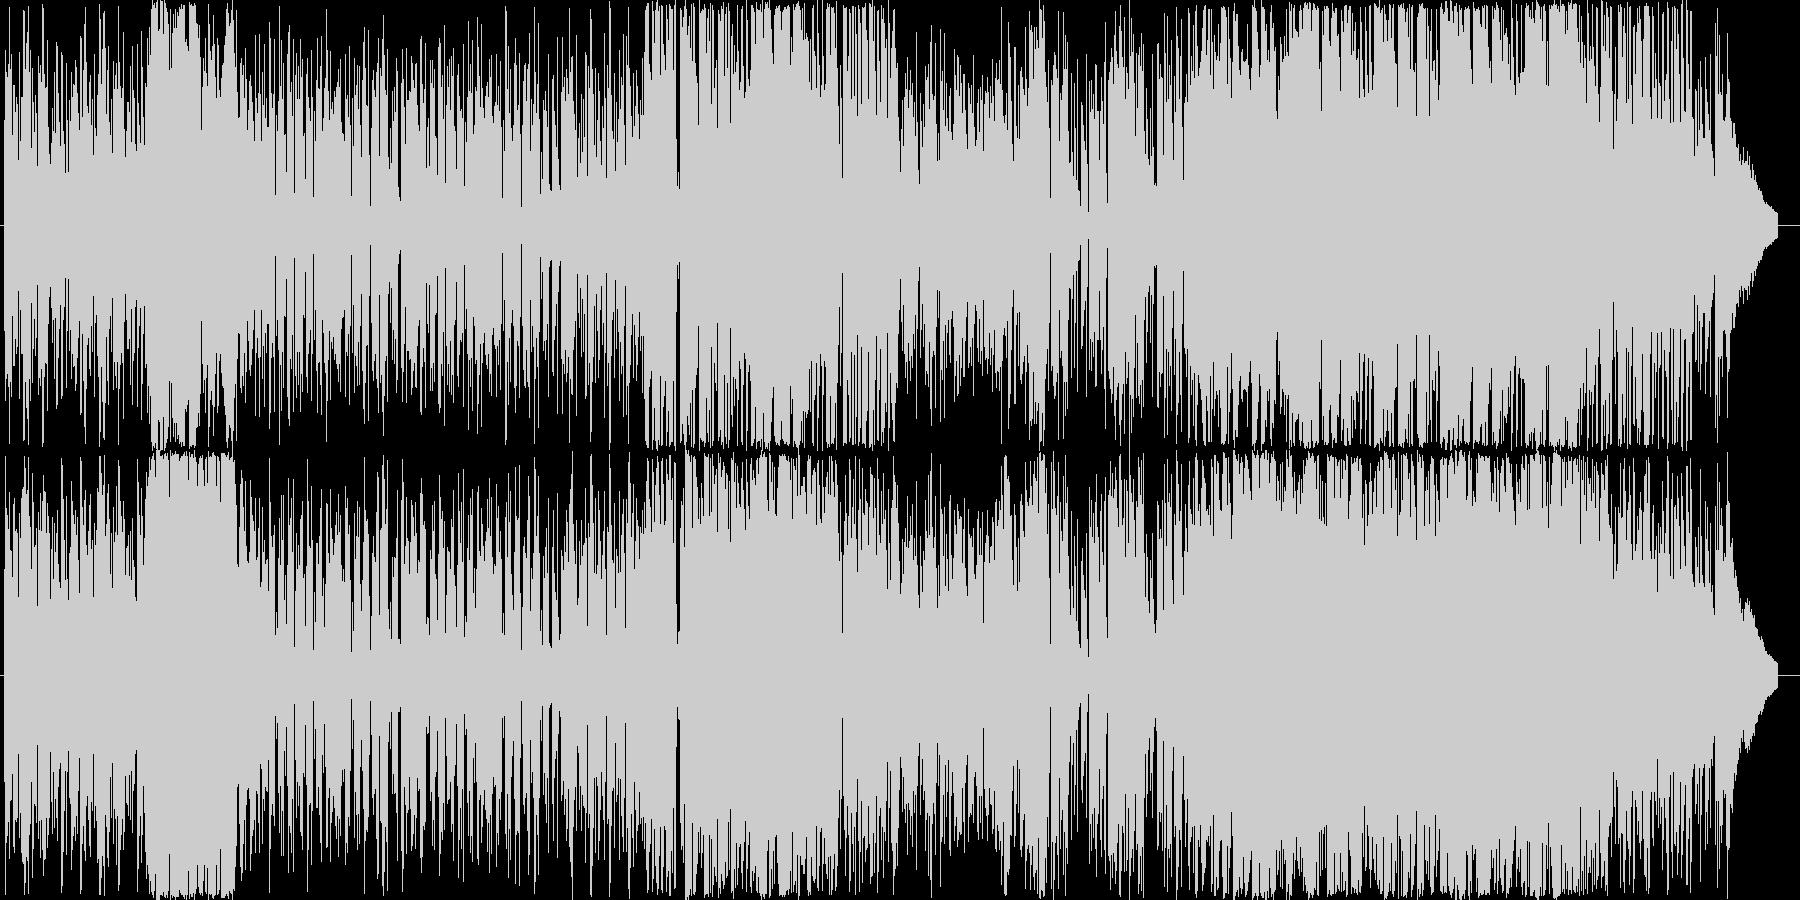 イベントのBGMなどにの未再生の波形